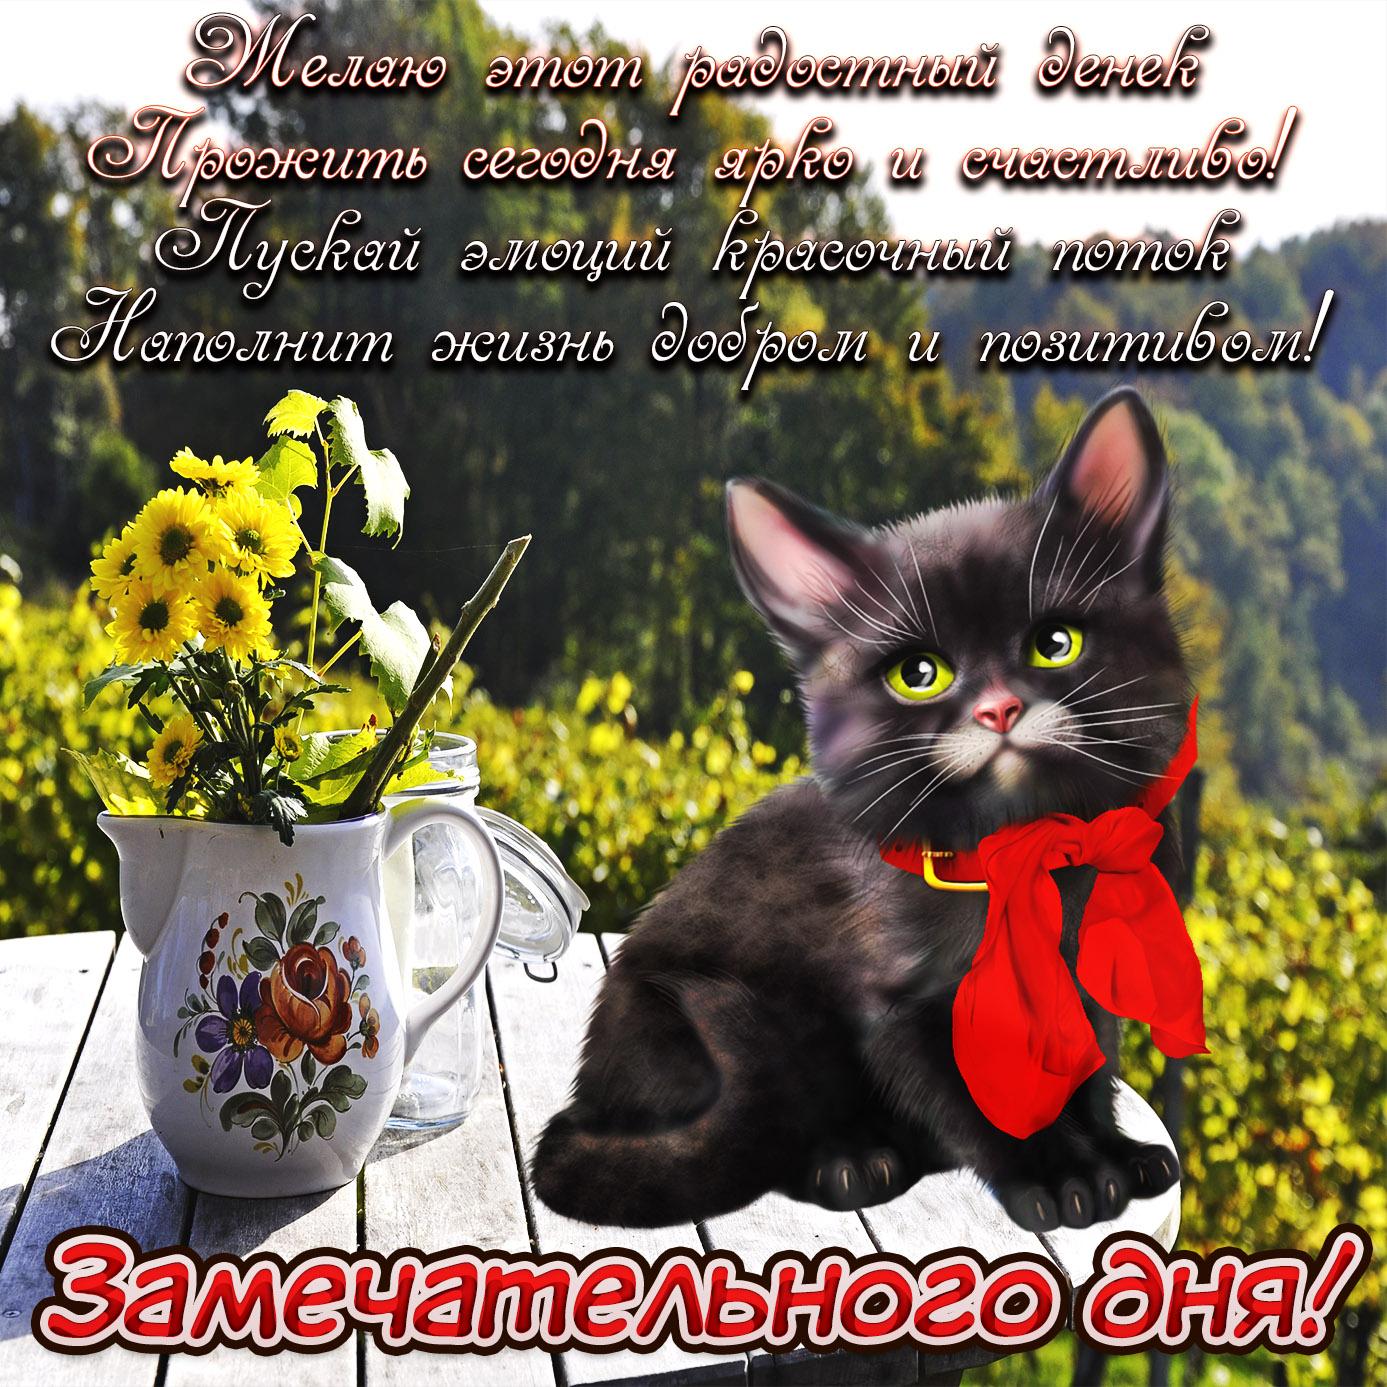 Милая картинка с букетиком и котом